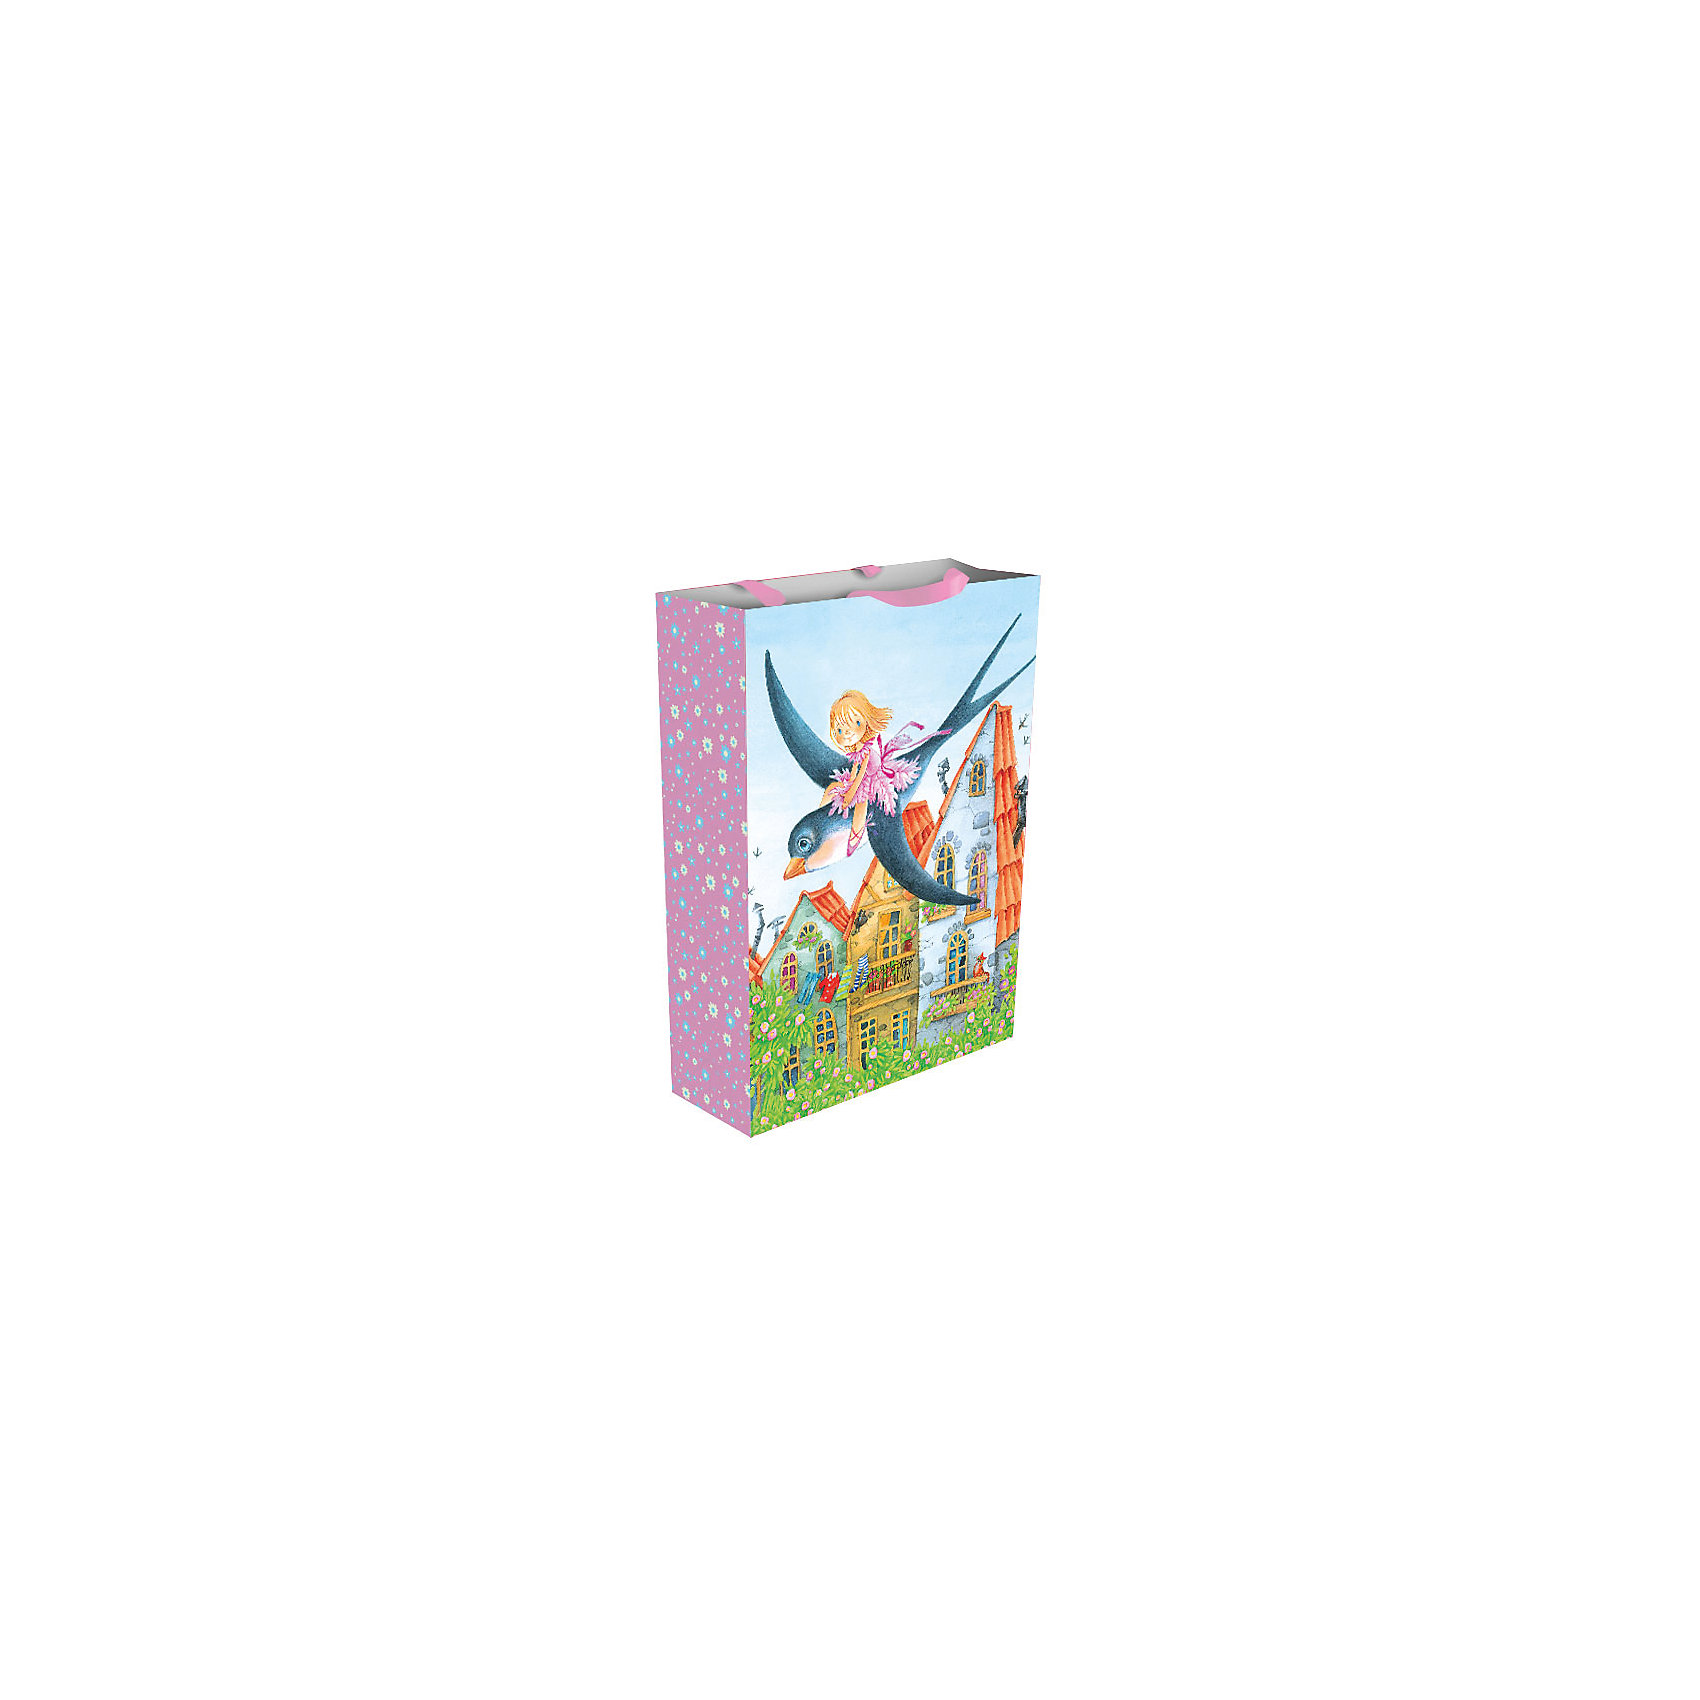 Росмэн Пакет подарочный Дюймовочка и ласточка 35*25*9 см peppa pig пакет подарочный пеппа и сьюзи 35 х 25 х 9 см